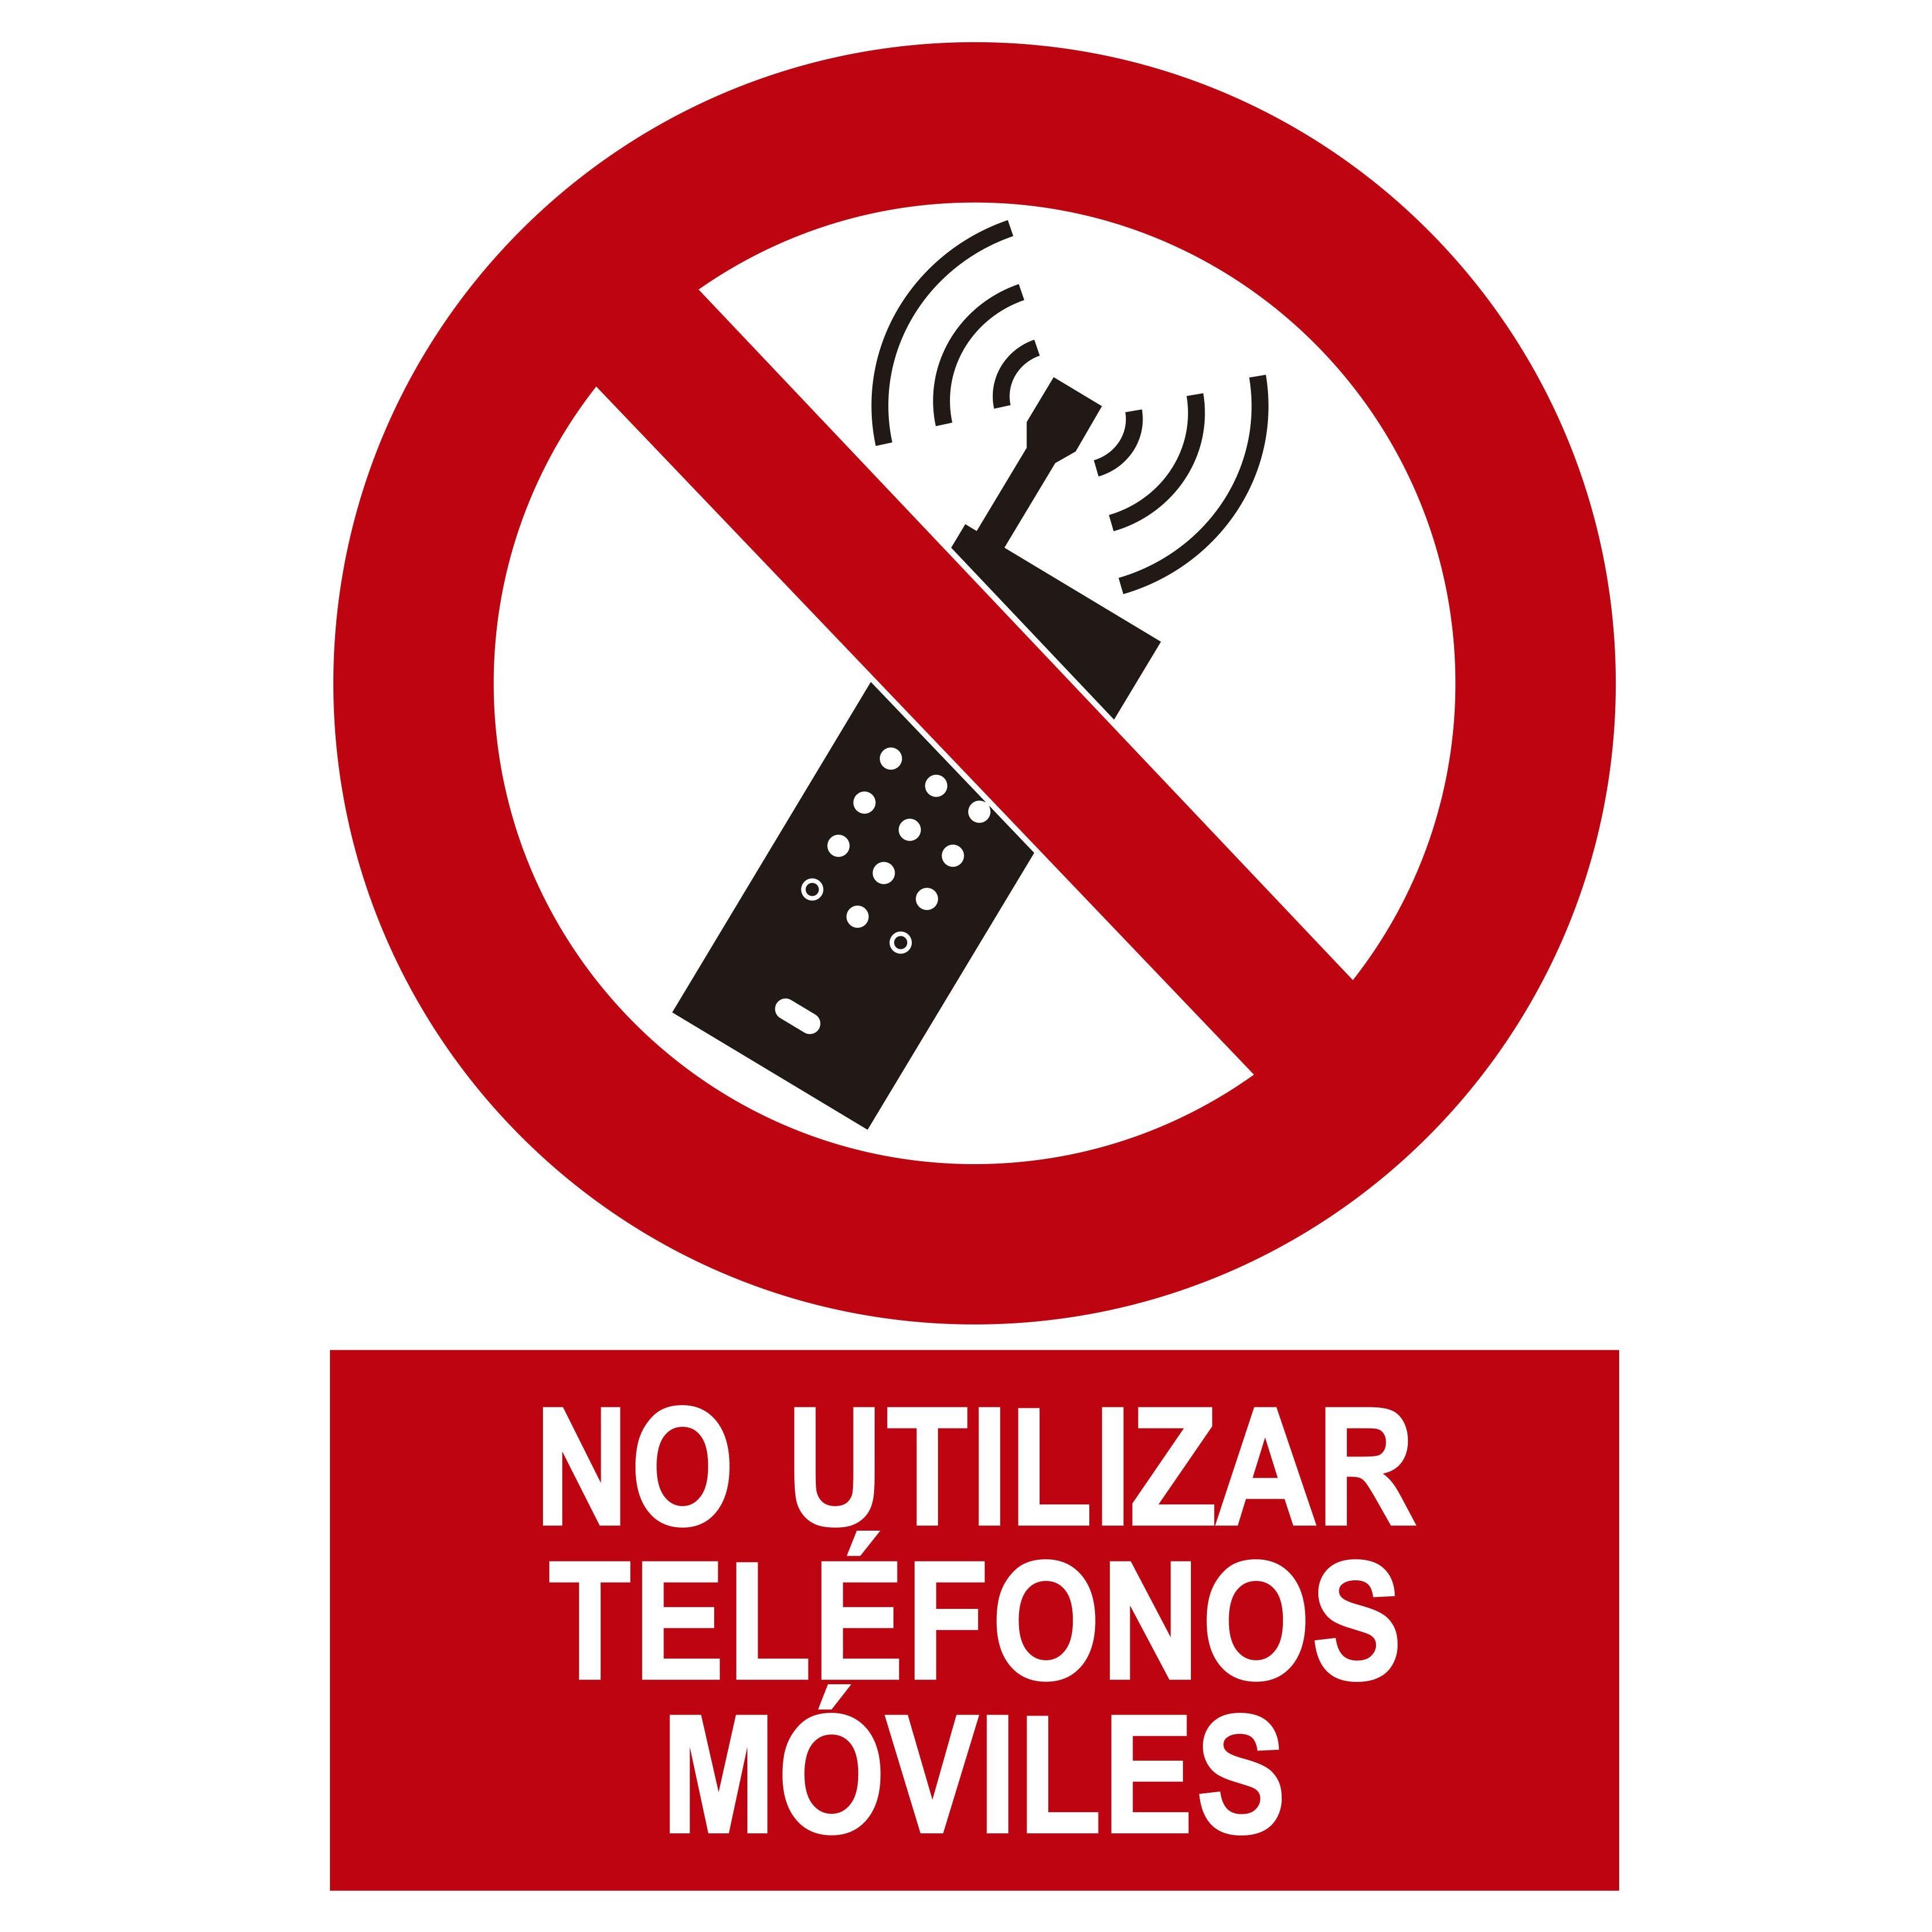 Señal NO UTILIZAR EL TELÉFONO MOVIL